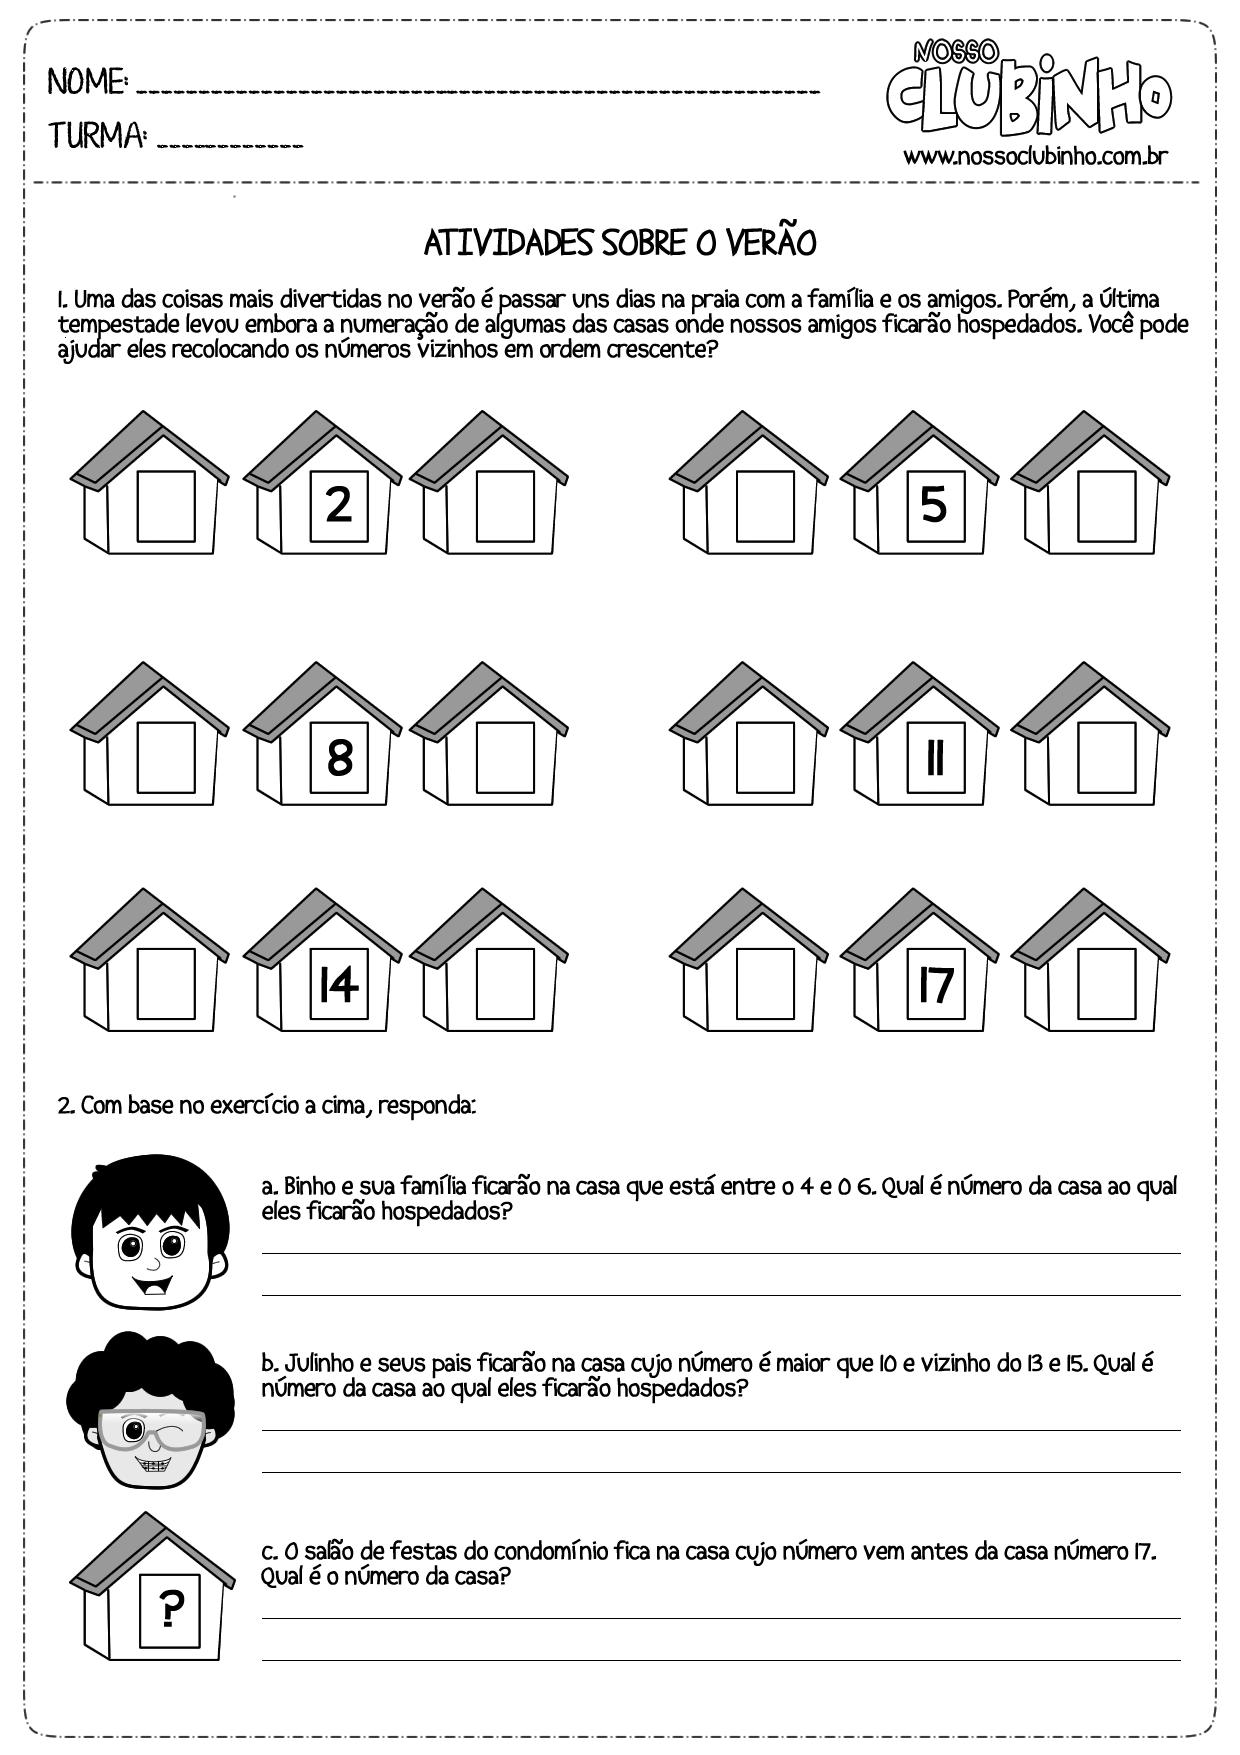 Atividade para alfabetização de crianças sobre o verão 2013